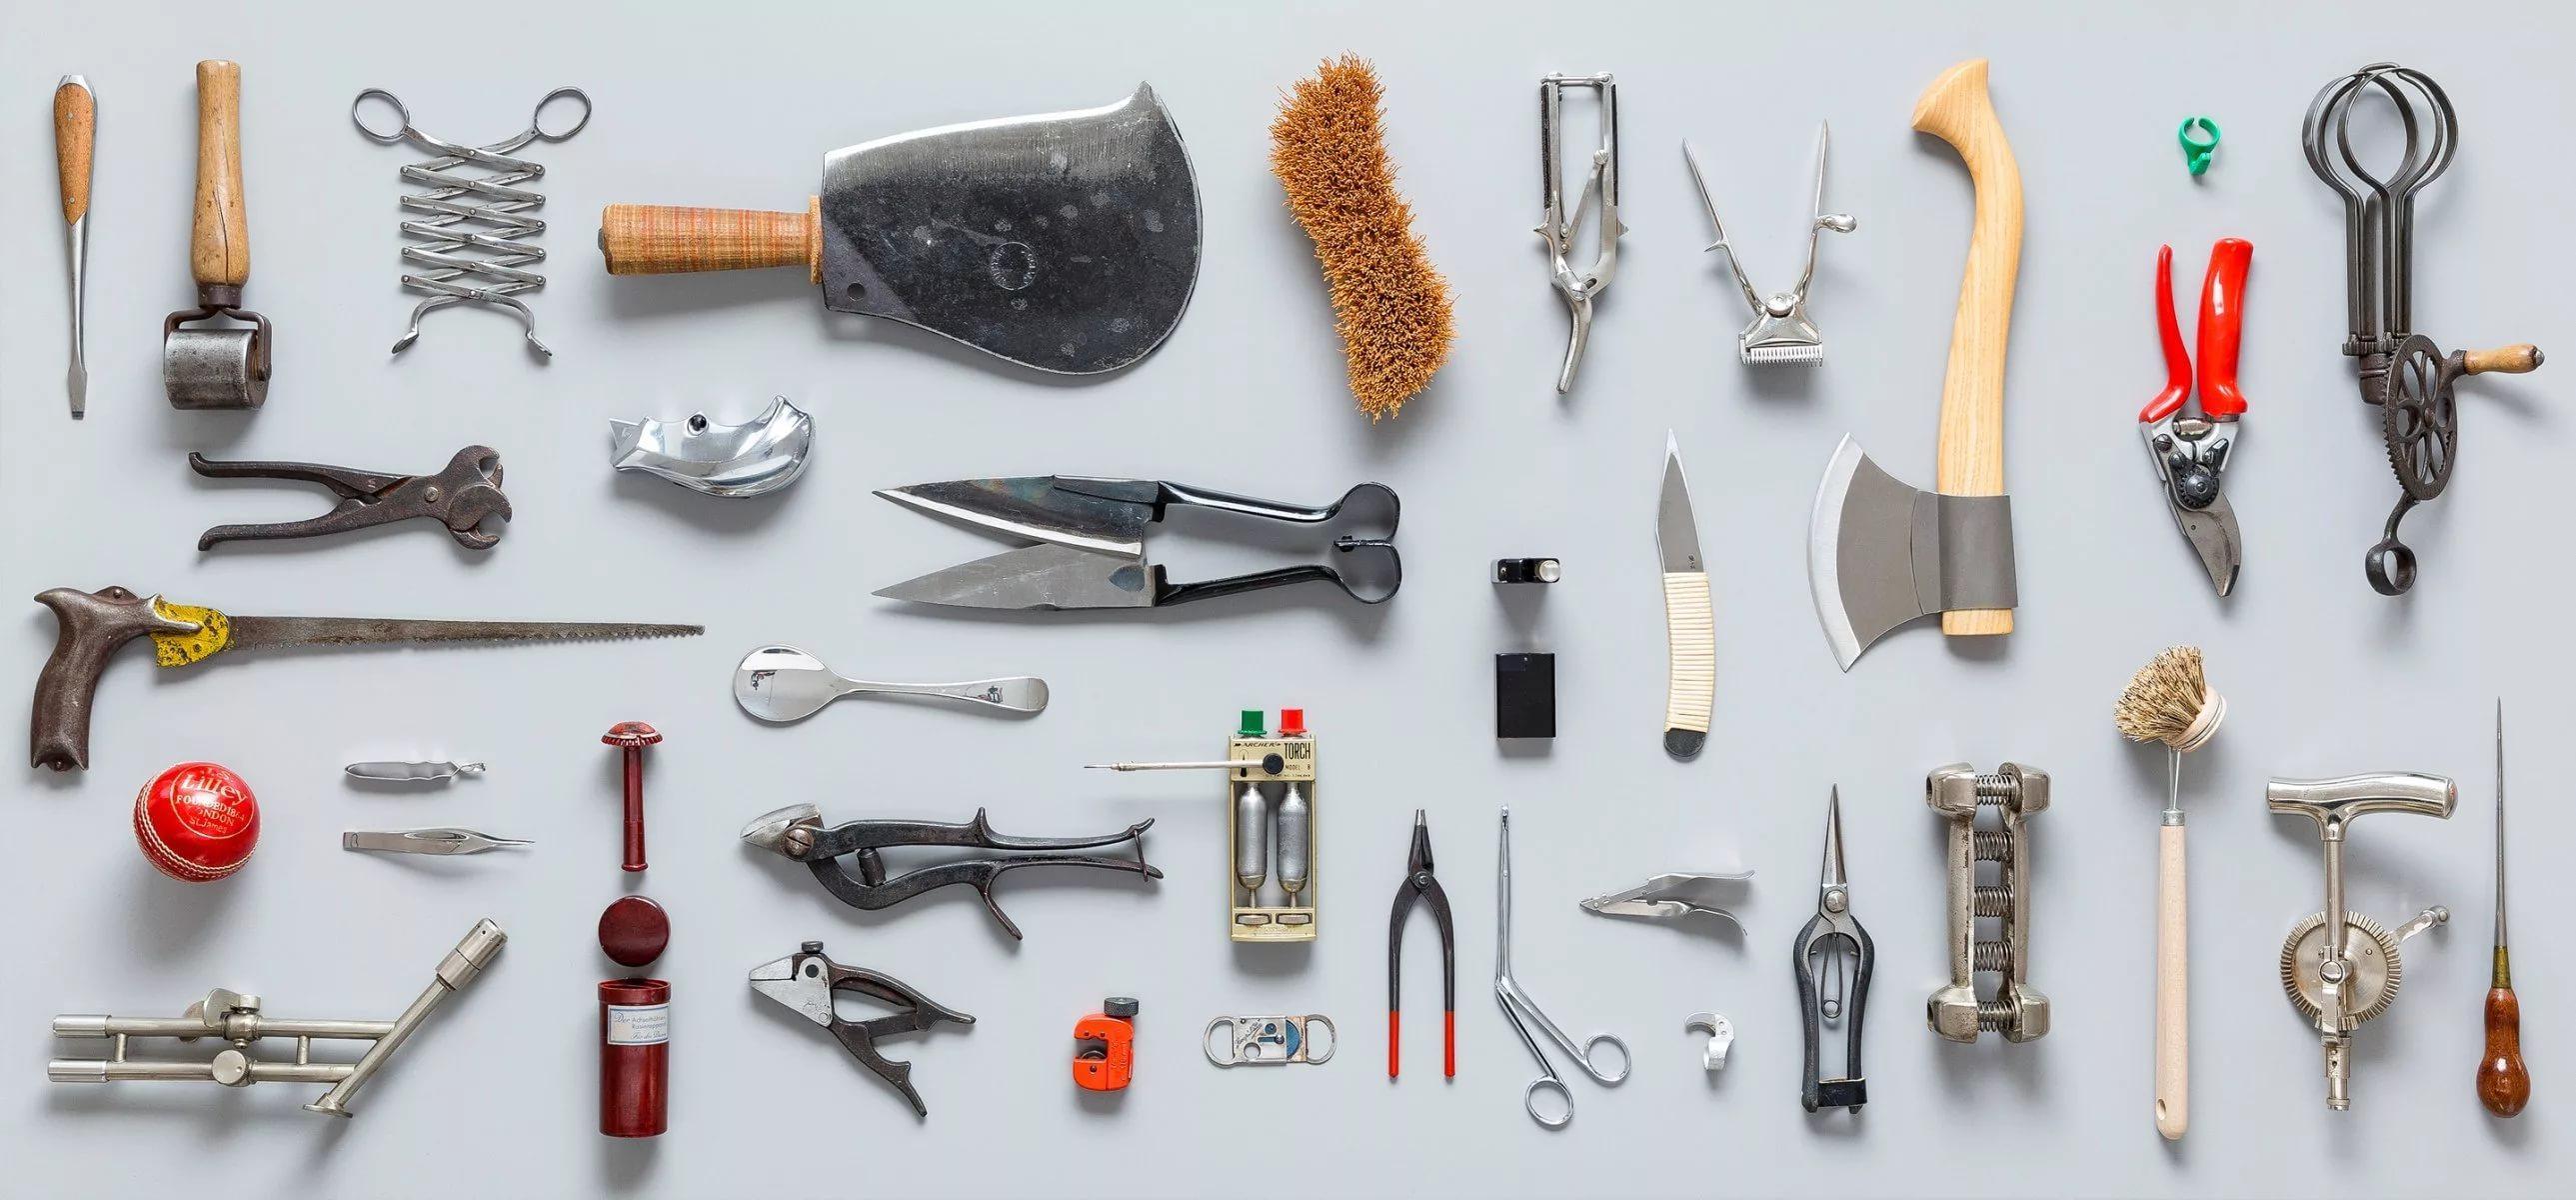 Tools Wallpapers - Wallpaper Cave